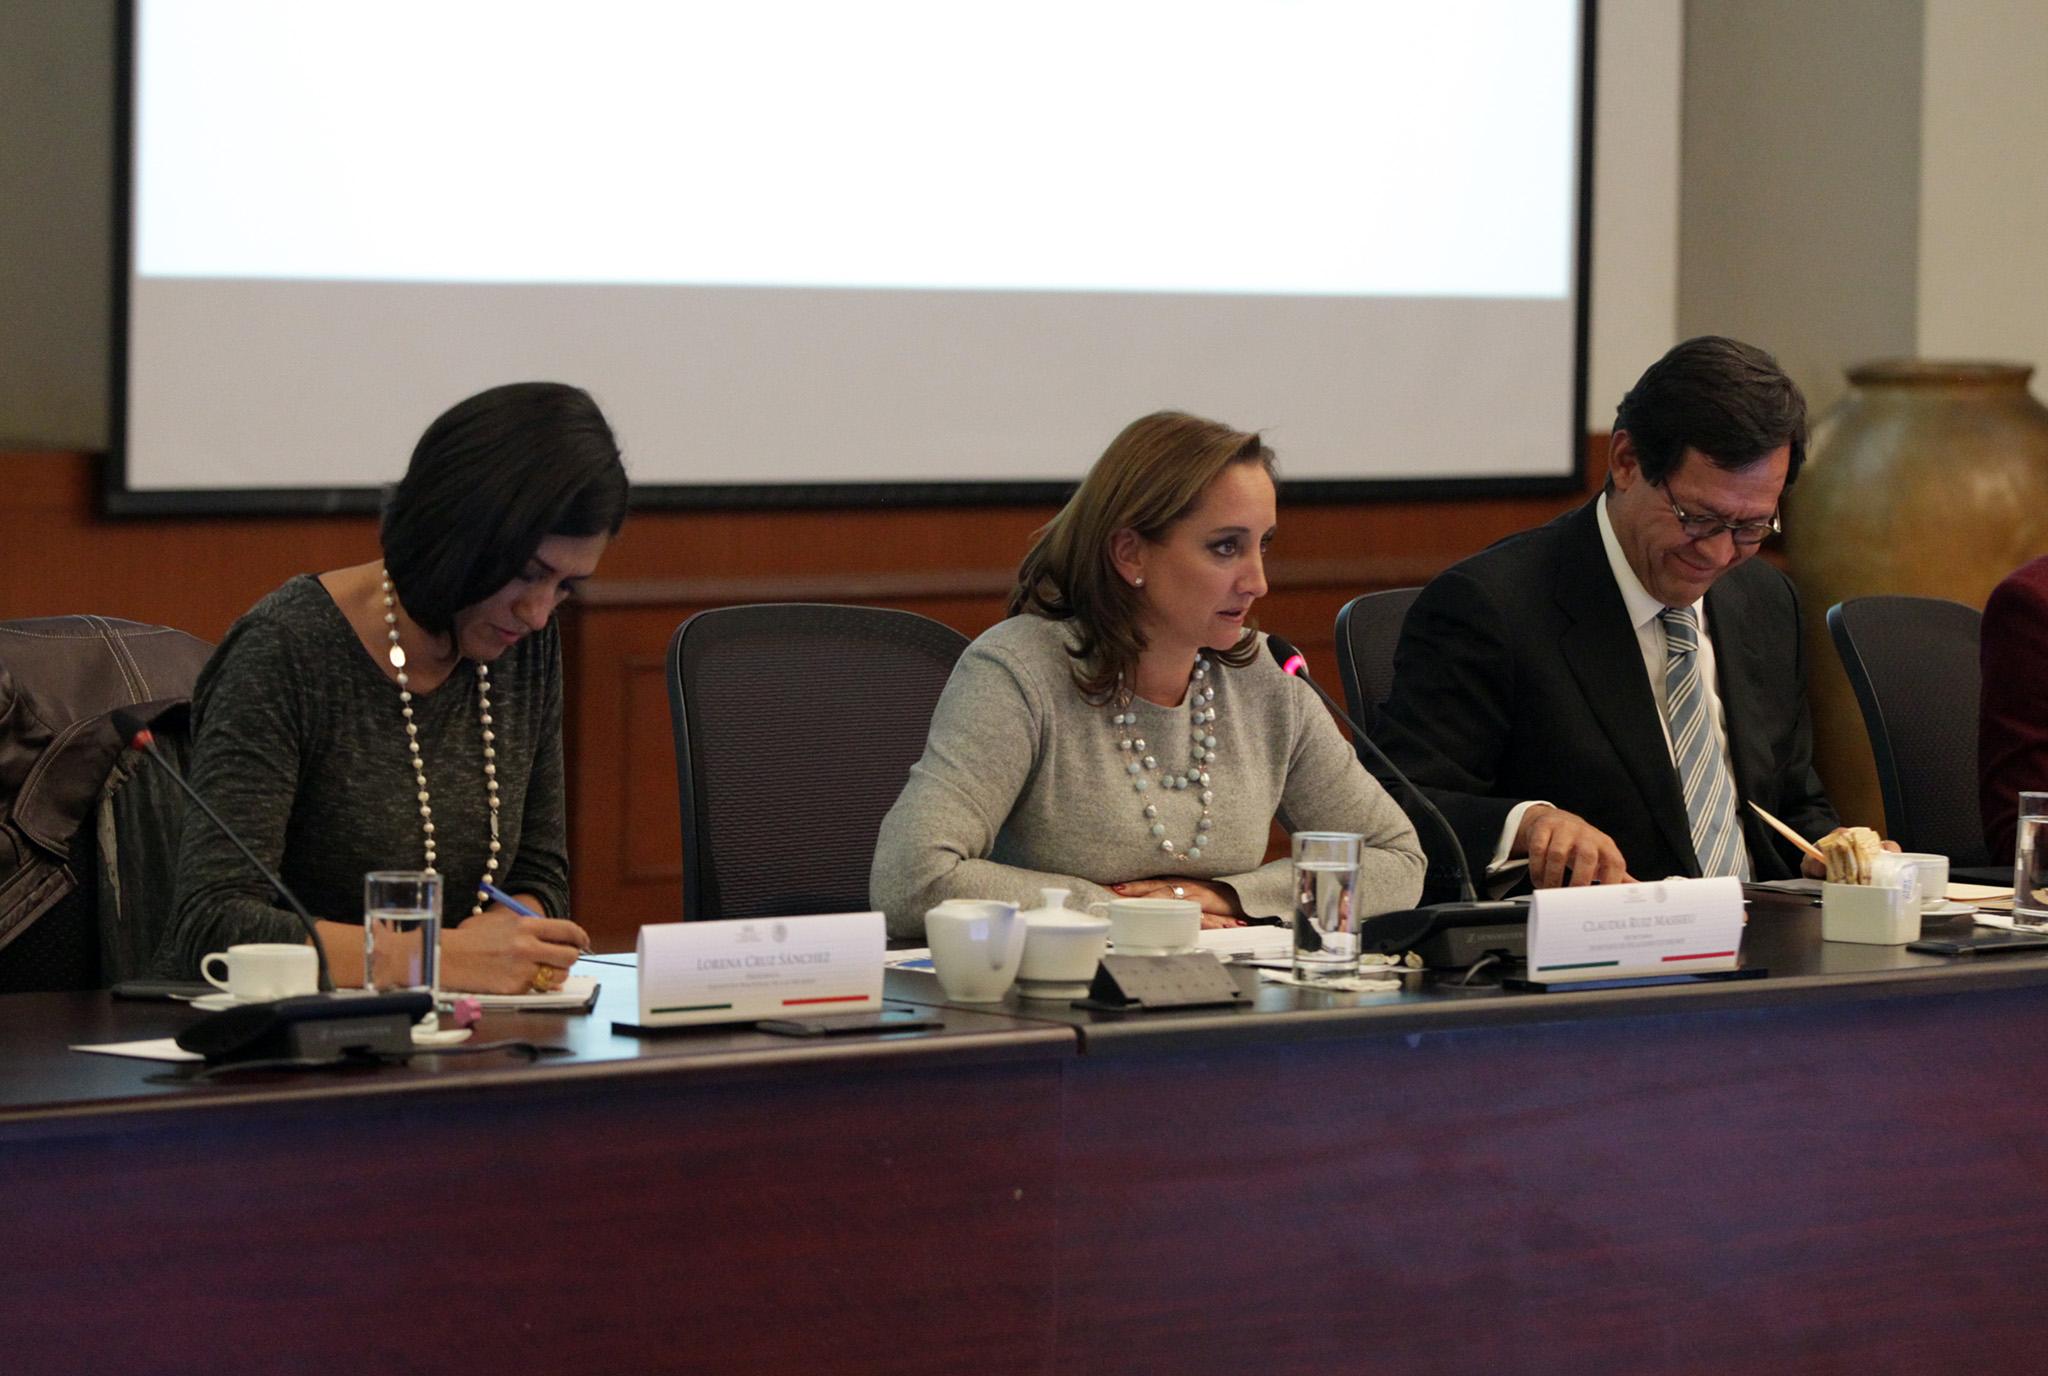 FOTO 1 Canciller Claudia Ruiz Massieu en la Reuni n de Coordinaci n Intersecretarial para Atenci n de Obligaciones en Materia de G nerojpg